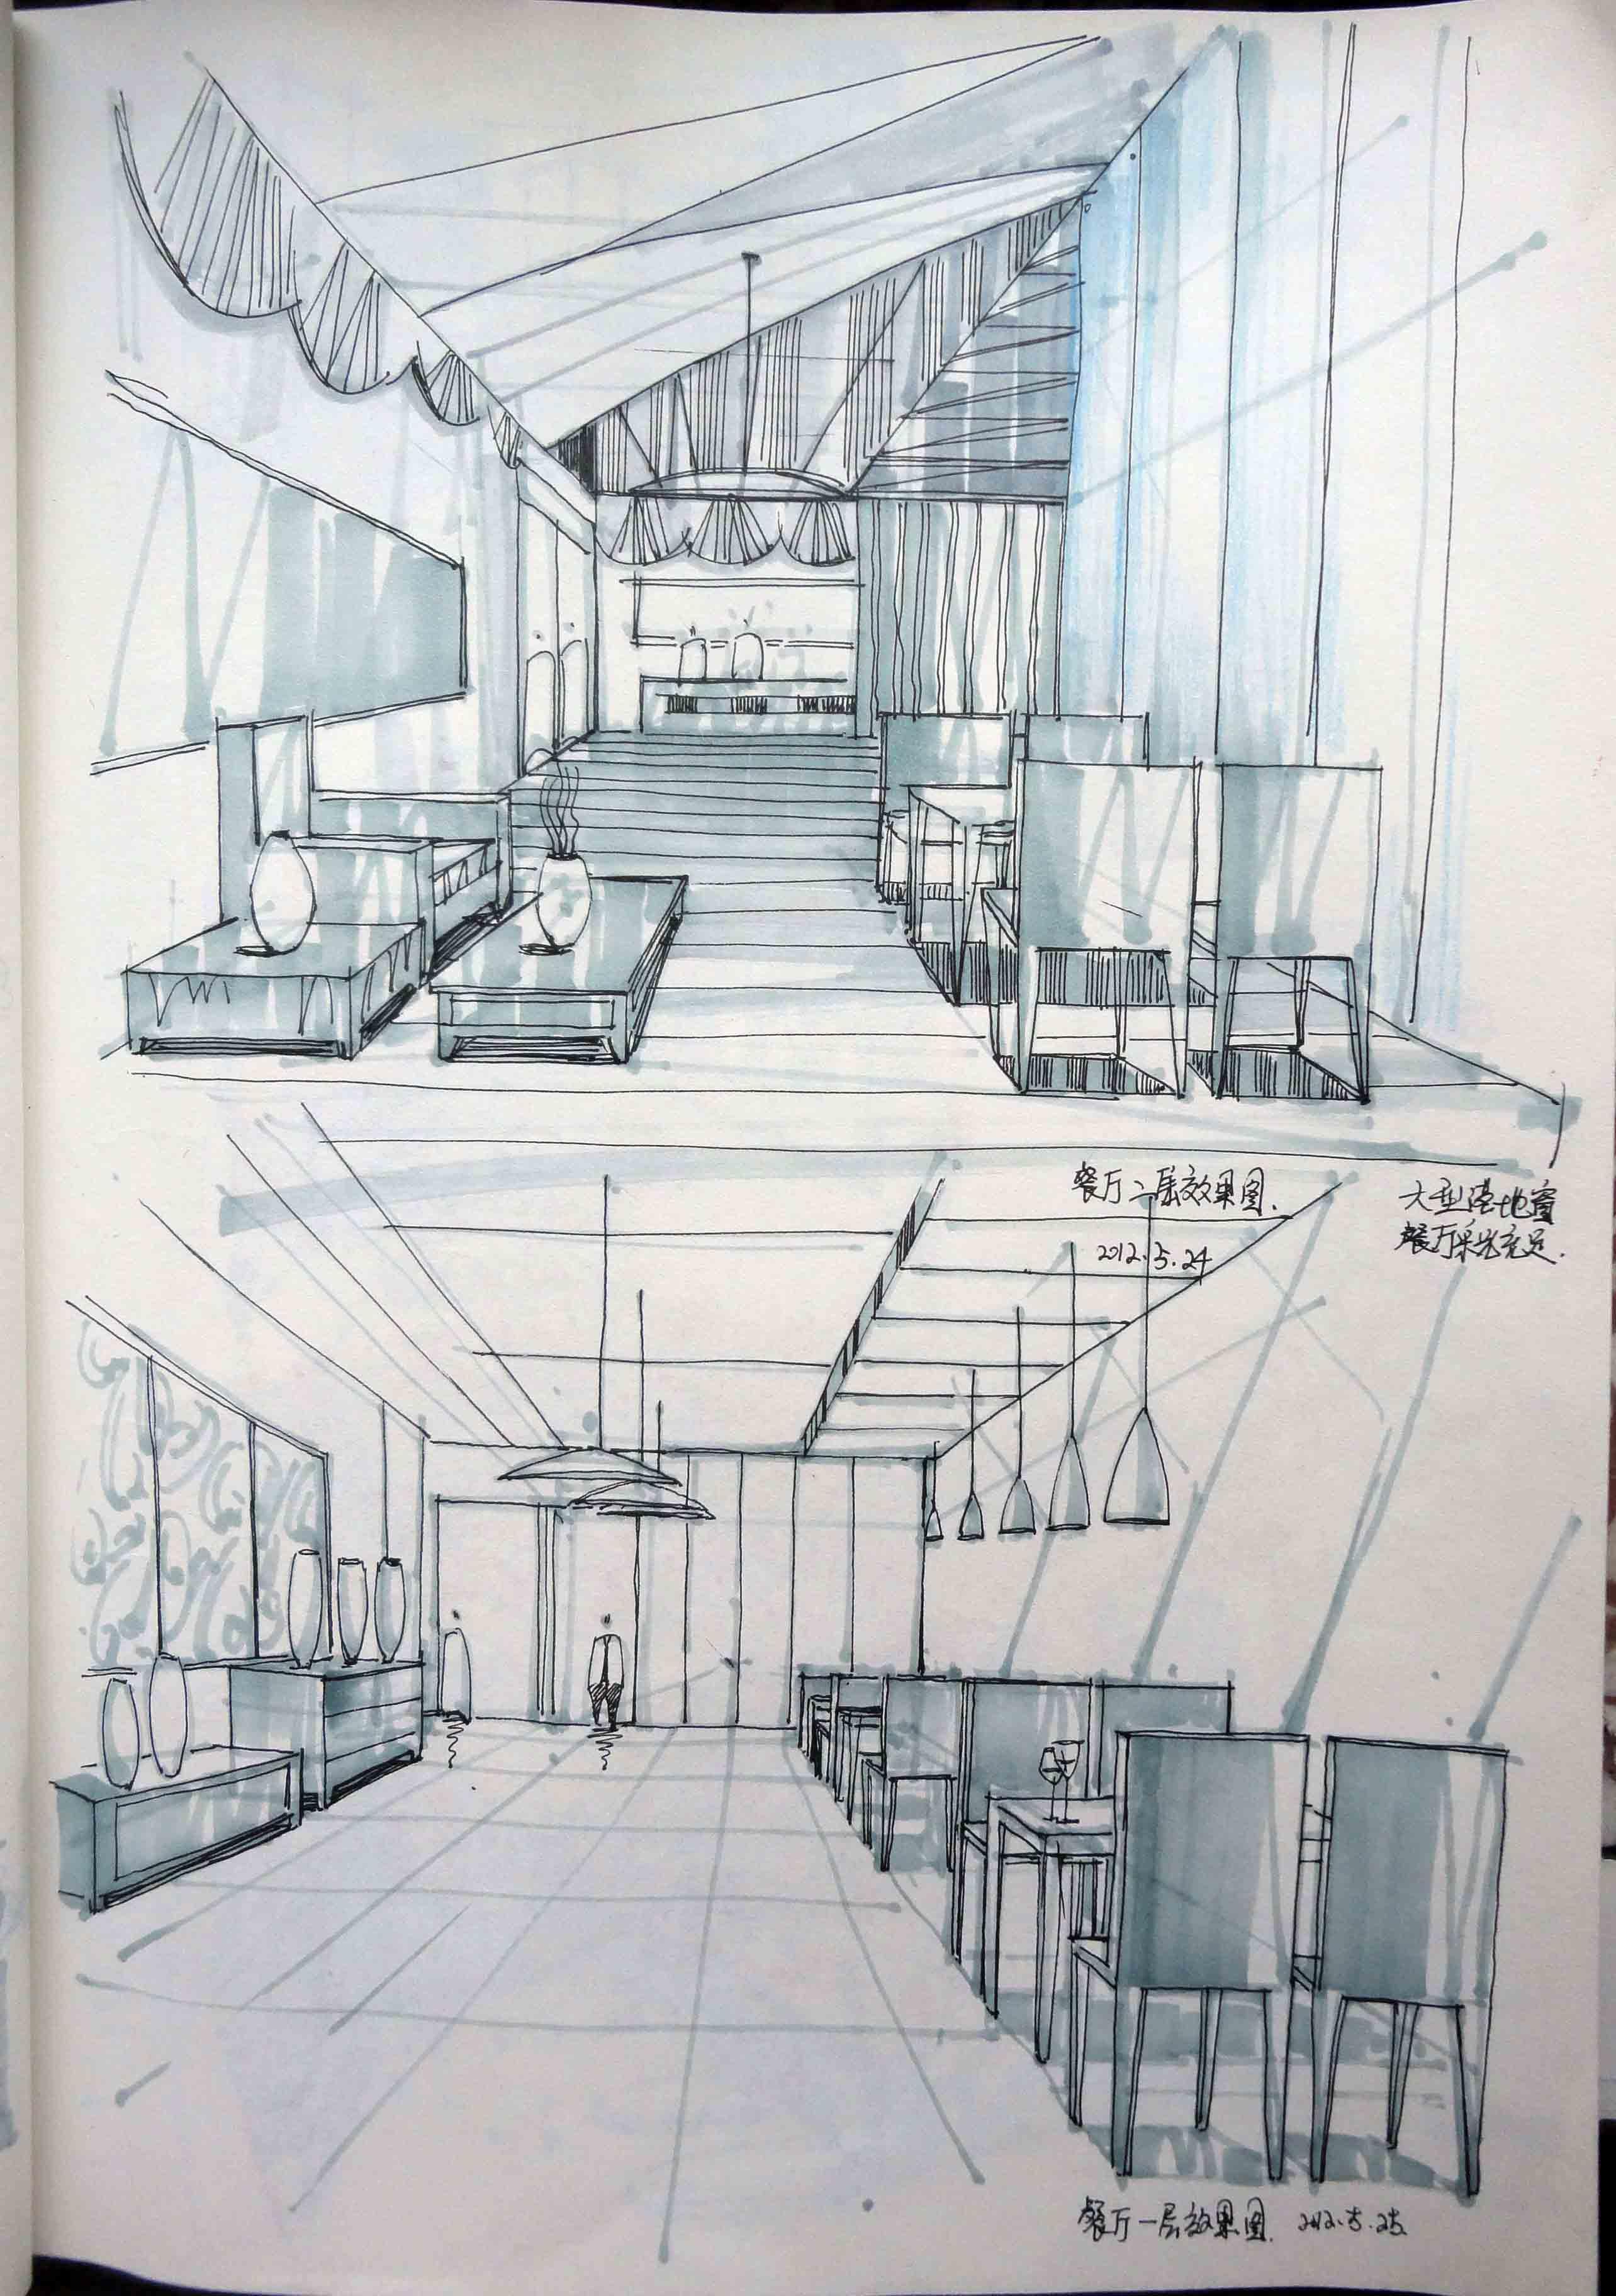 室内外设计手绘-论坛文件展示[51自学网园地] --  by